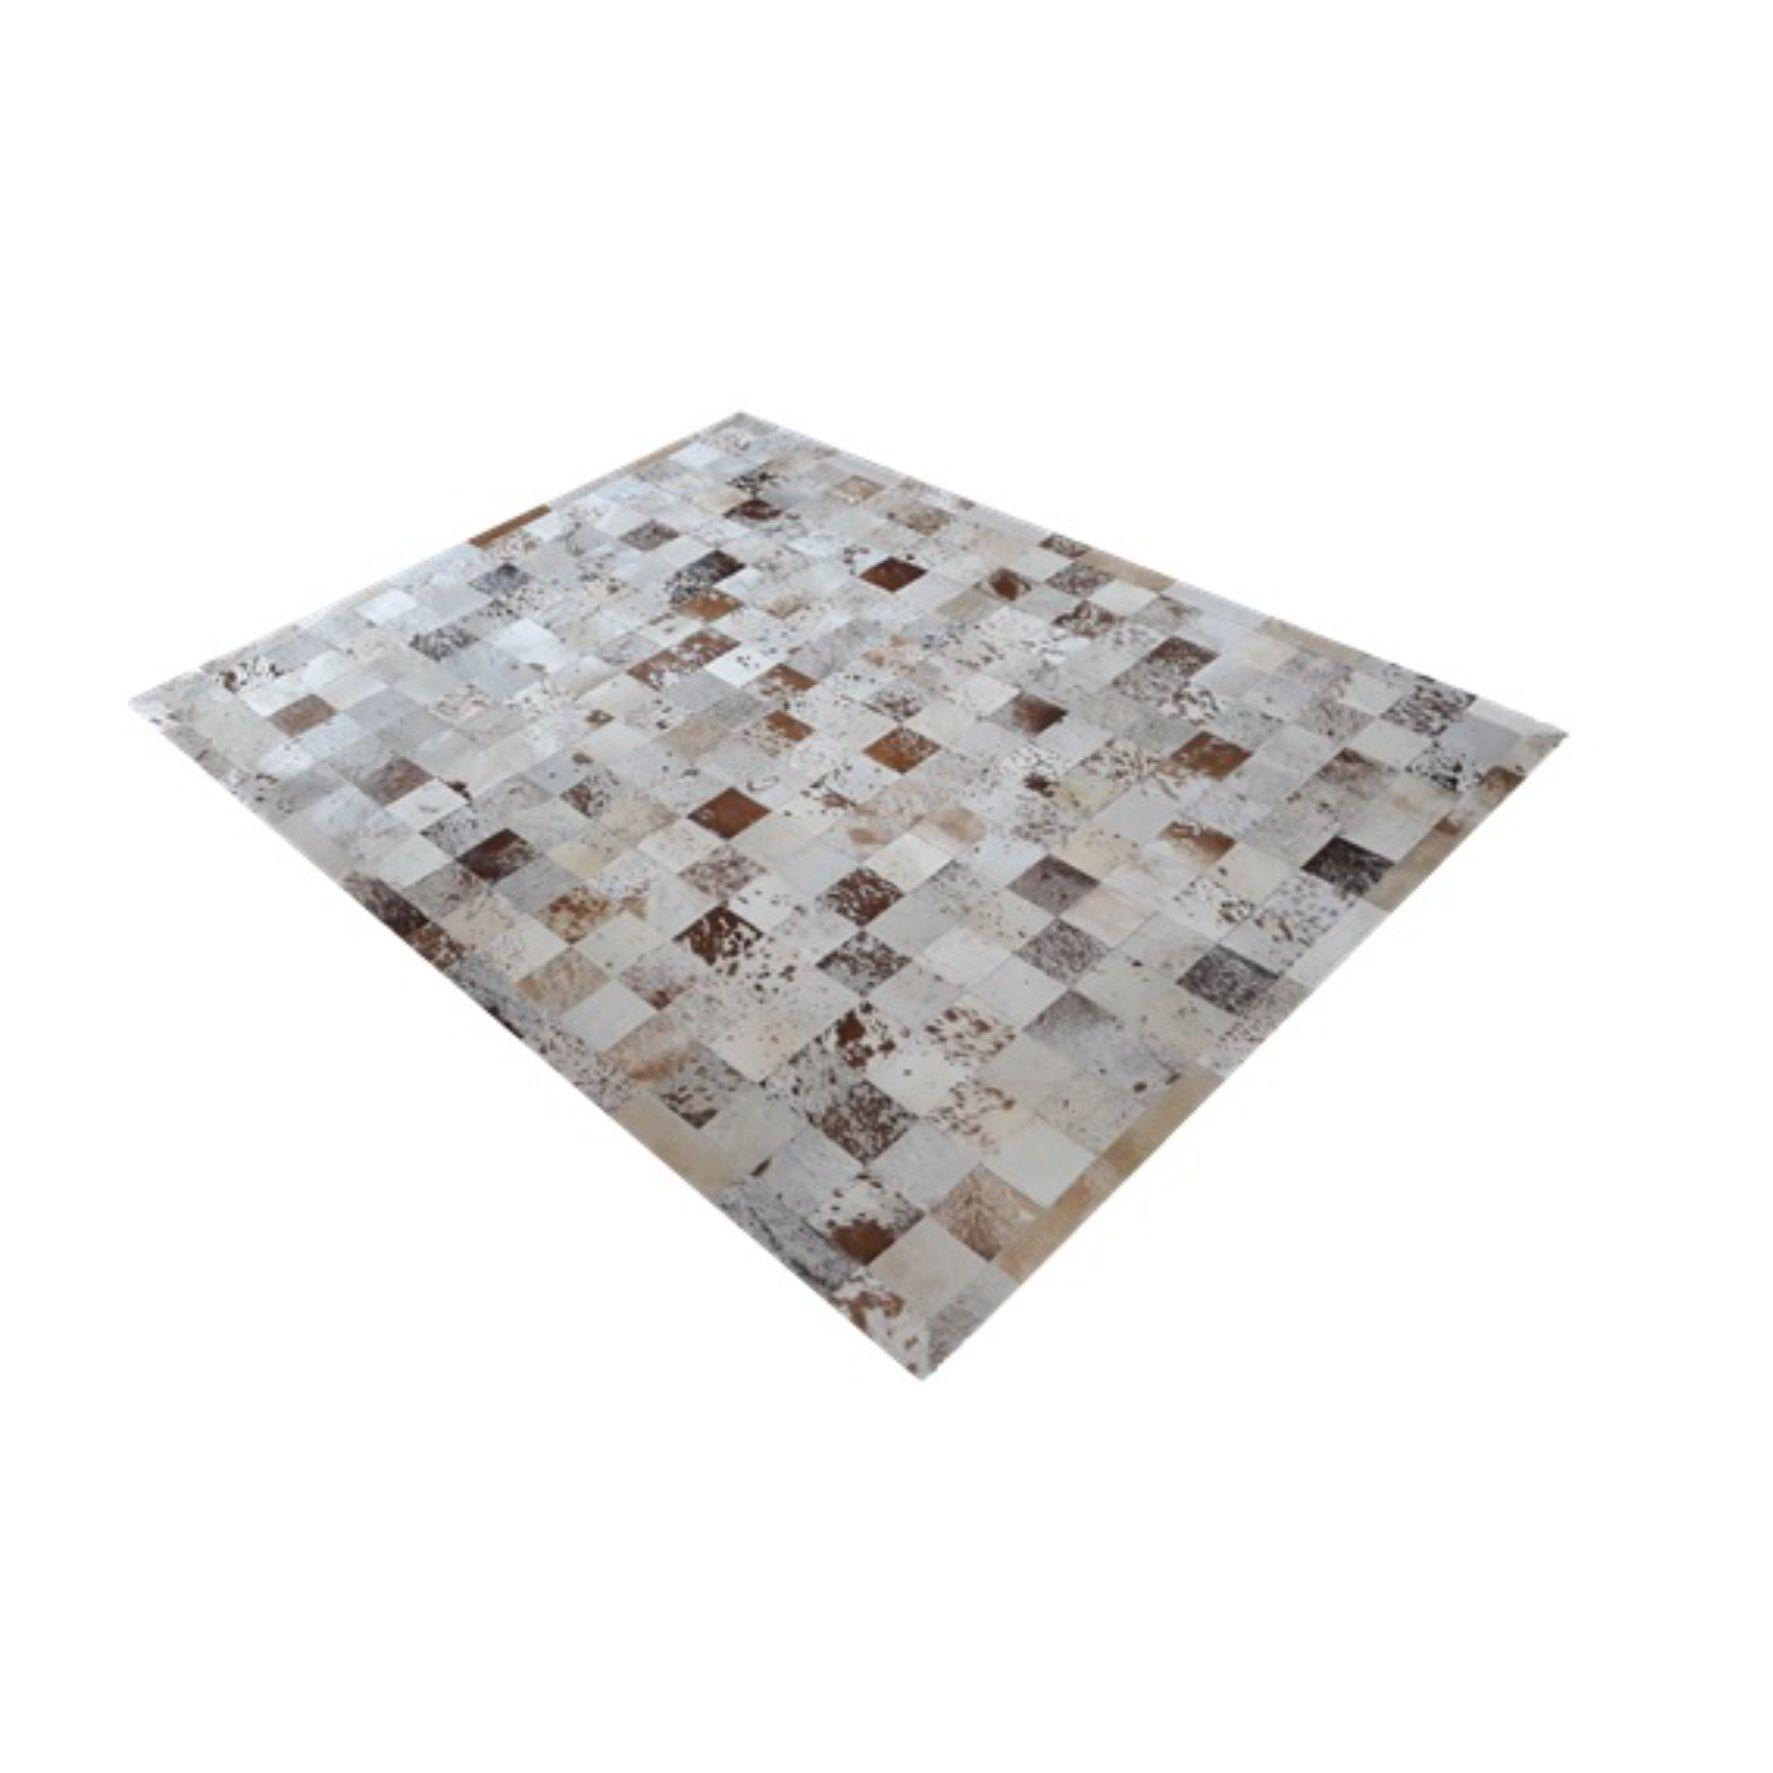 Tapete de Couro de Boi 2,5m X 2,0m Natural Costurado 10cm x 10cm Com Borda - OF30